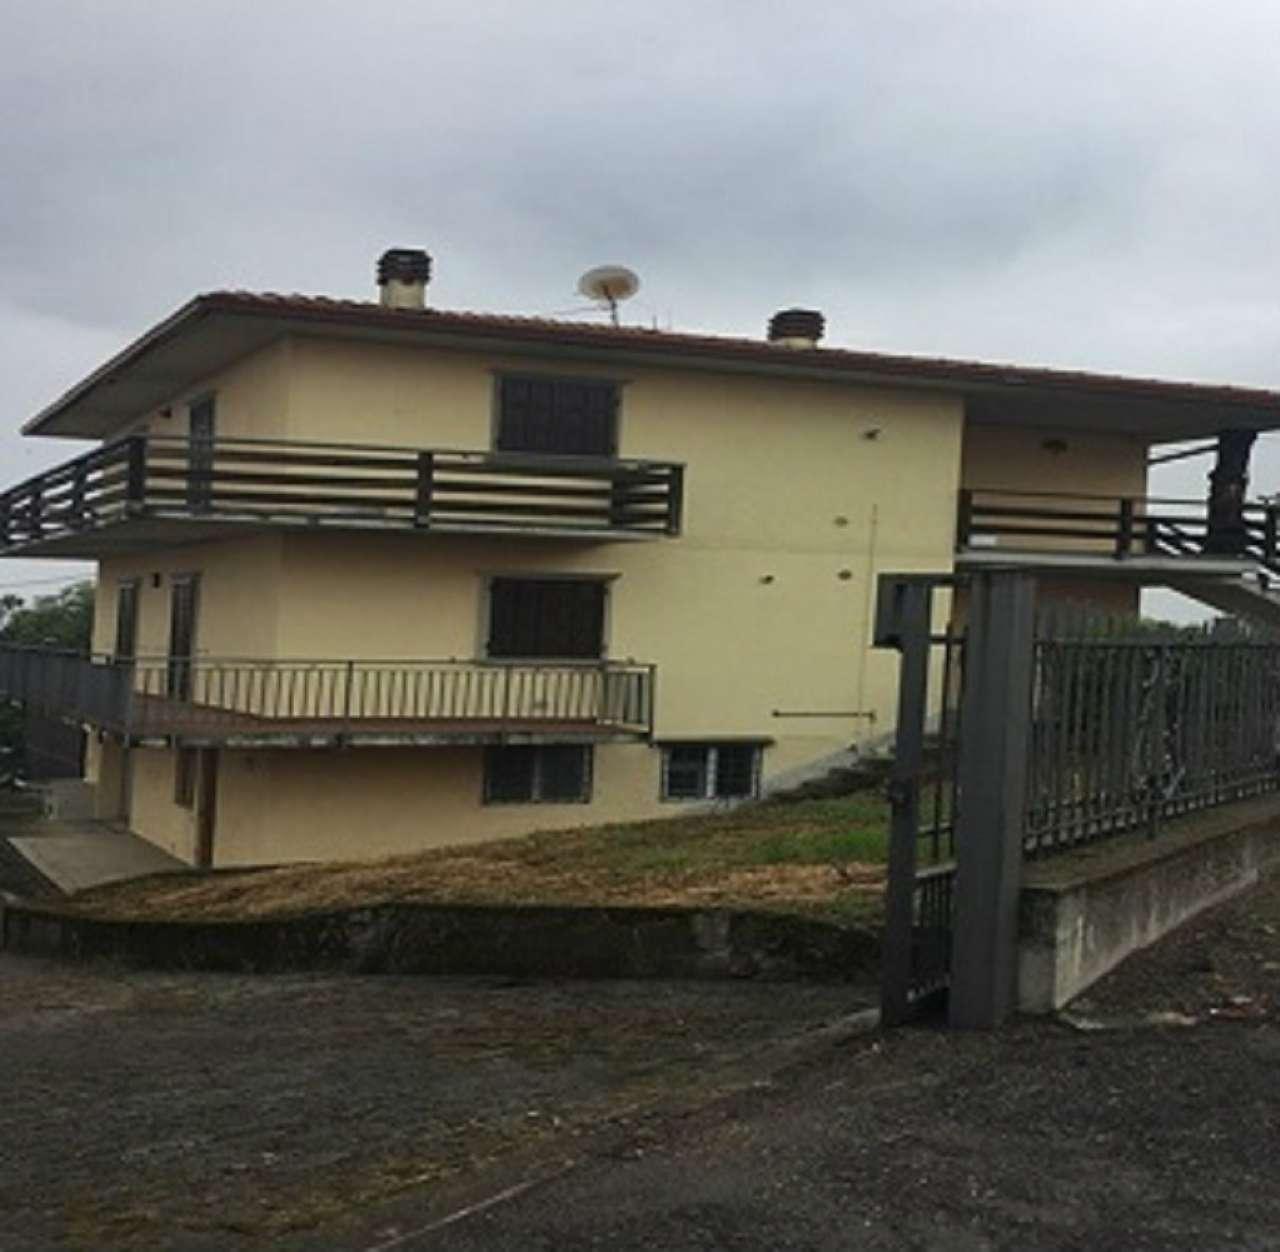 Villa Tri-Quadrifamiliare in vendita a Pian Camuno, 3 locali, prezzo € 60.000 | PortaleAgenzieImmobiliari.it